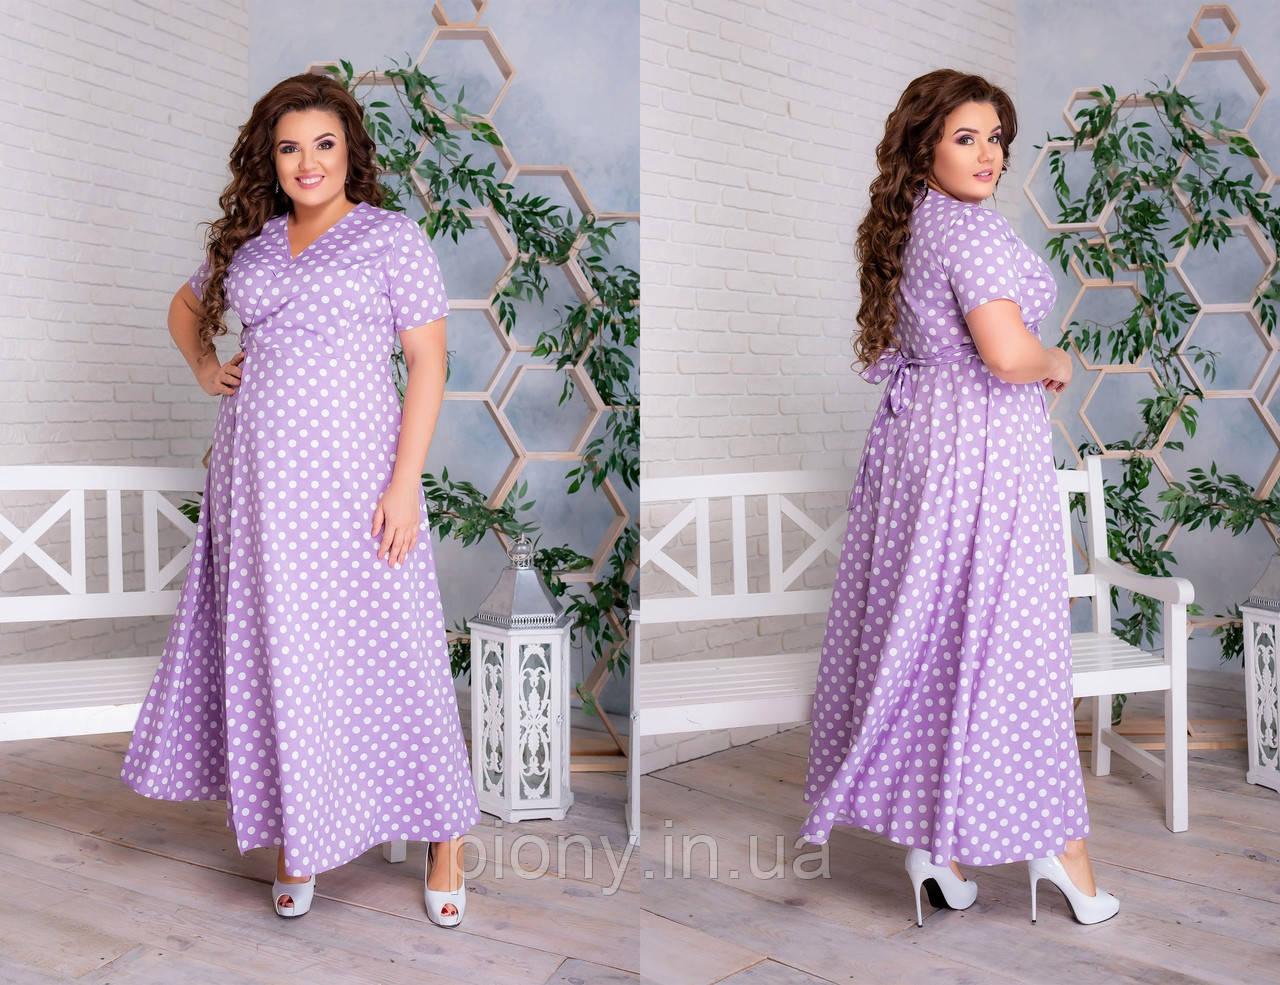 Женское Платье в горошек Батал